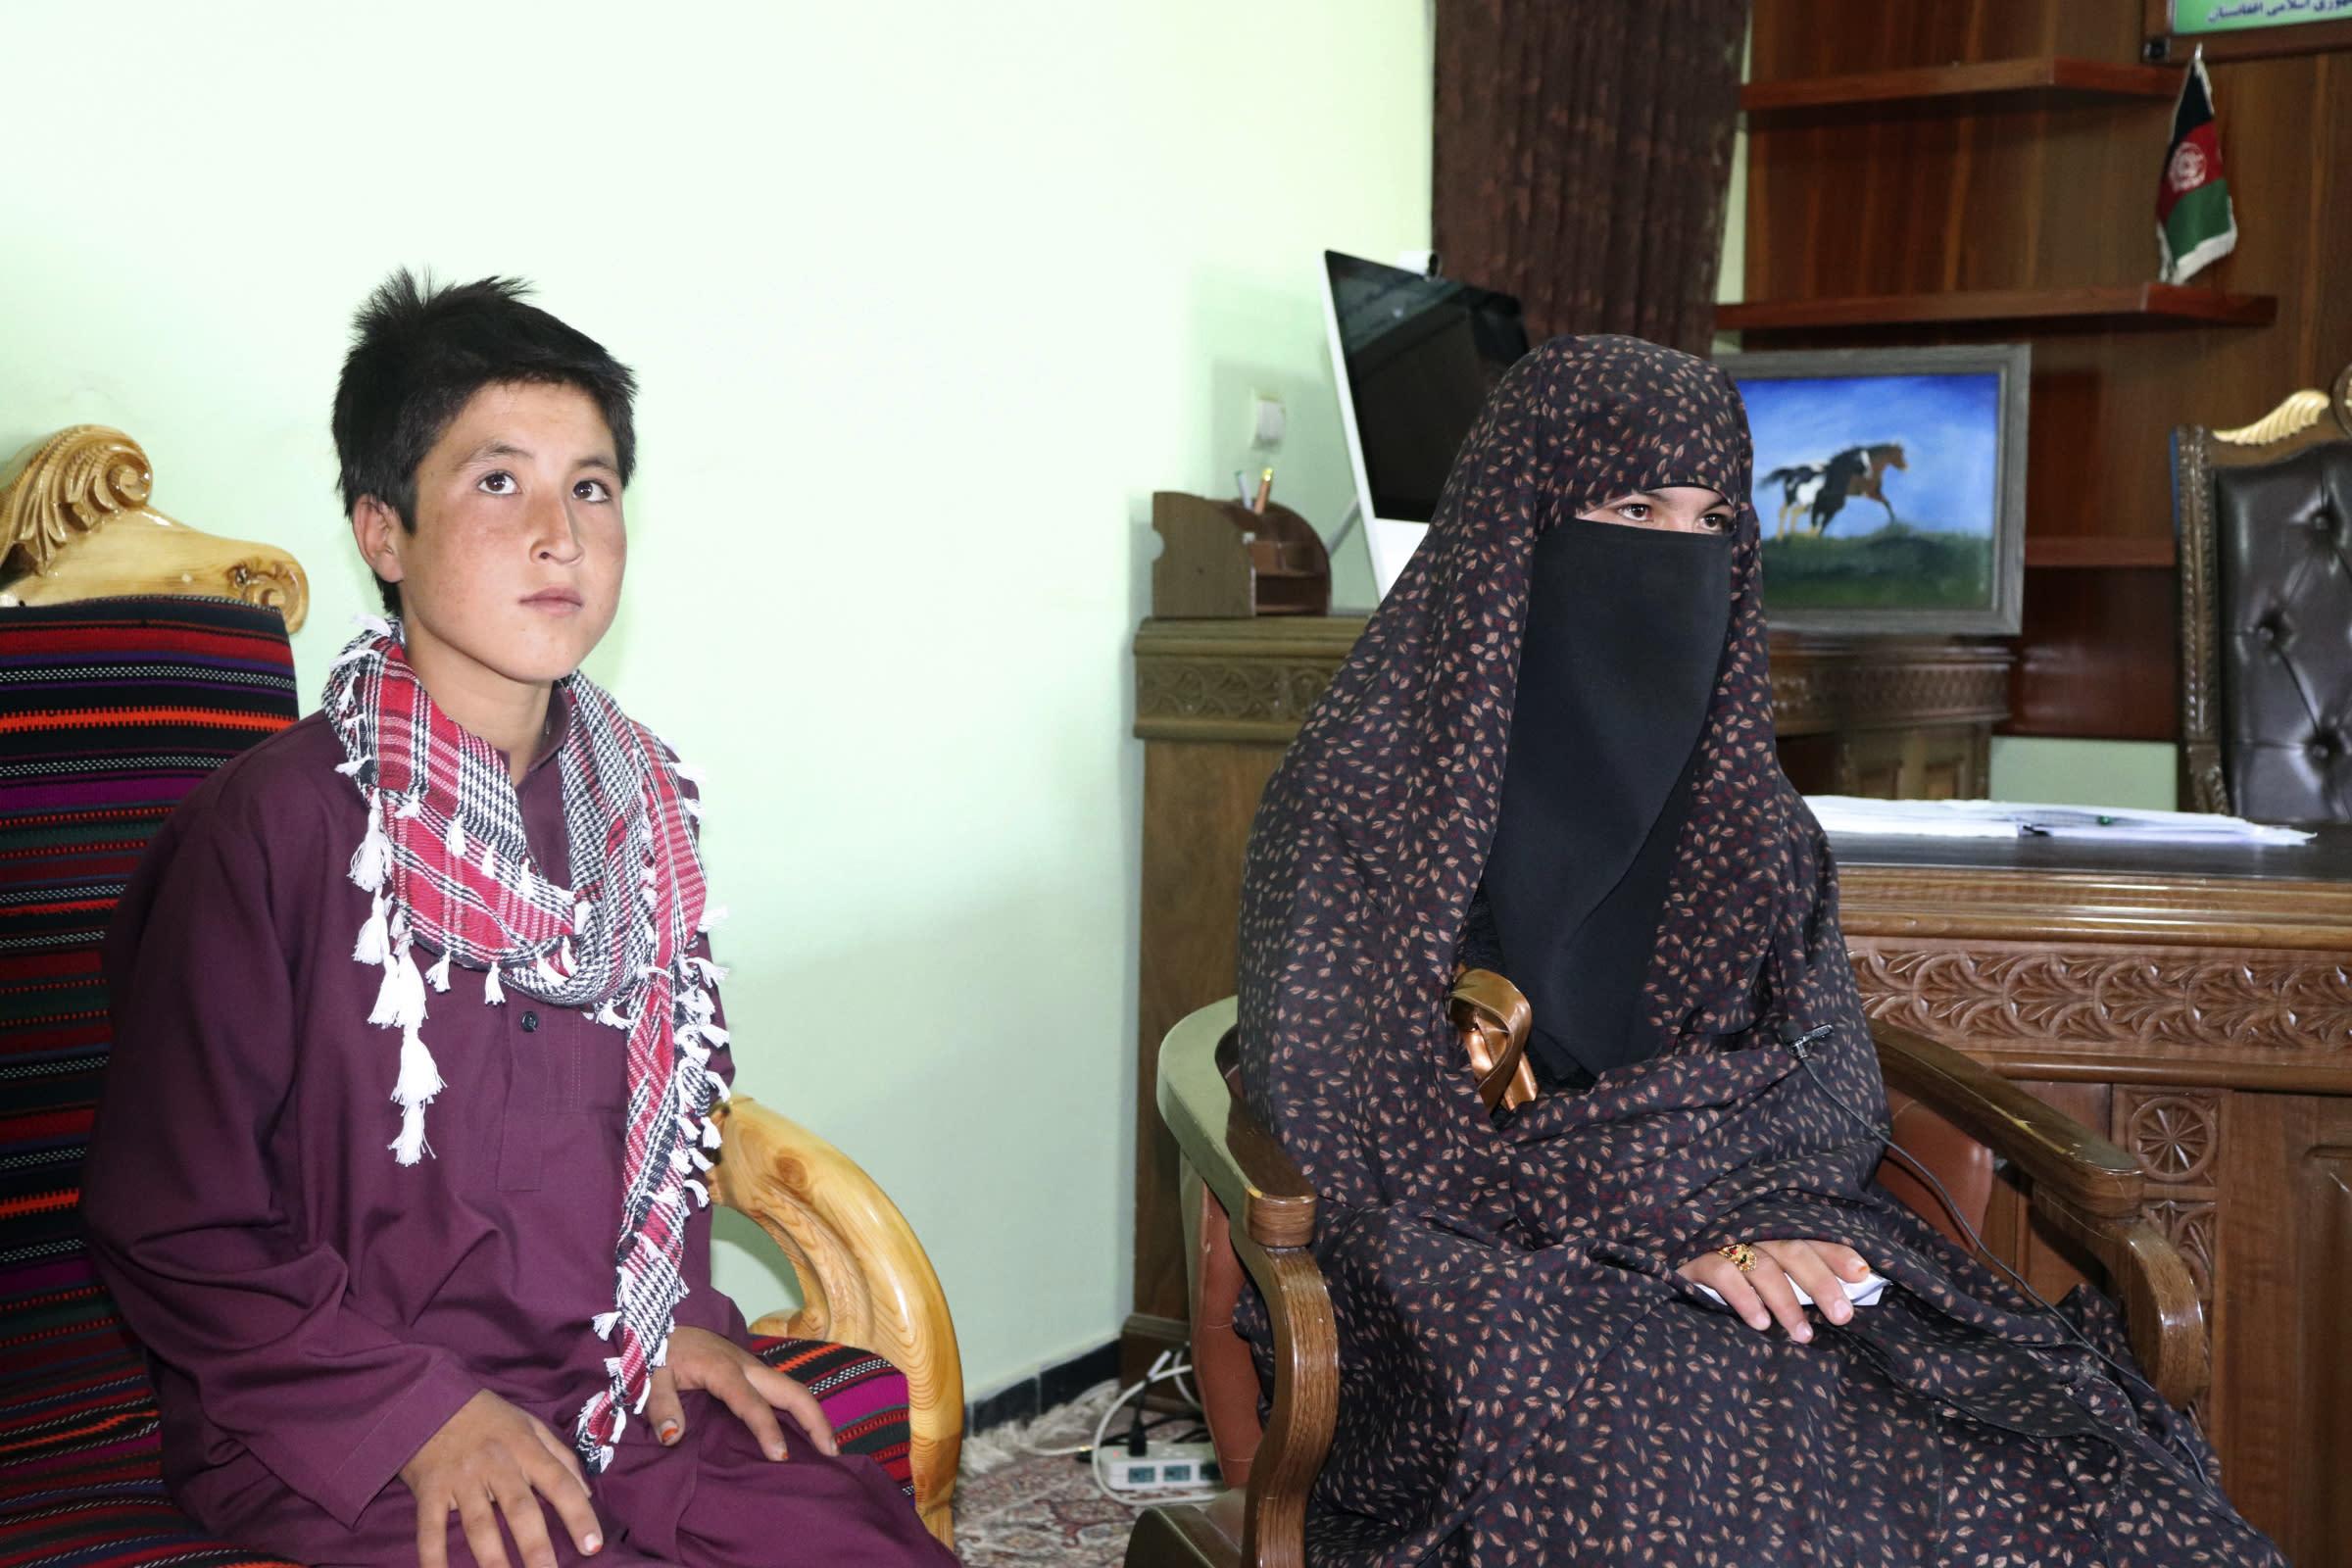 Afghanistan Afghan girl